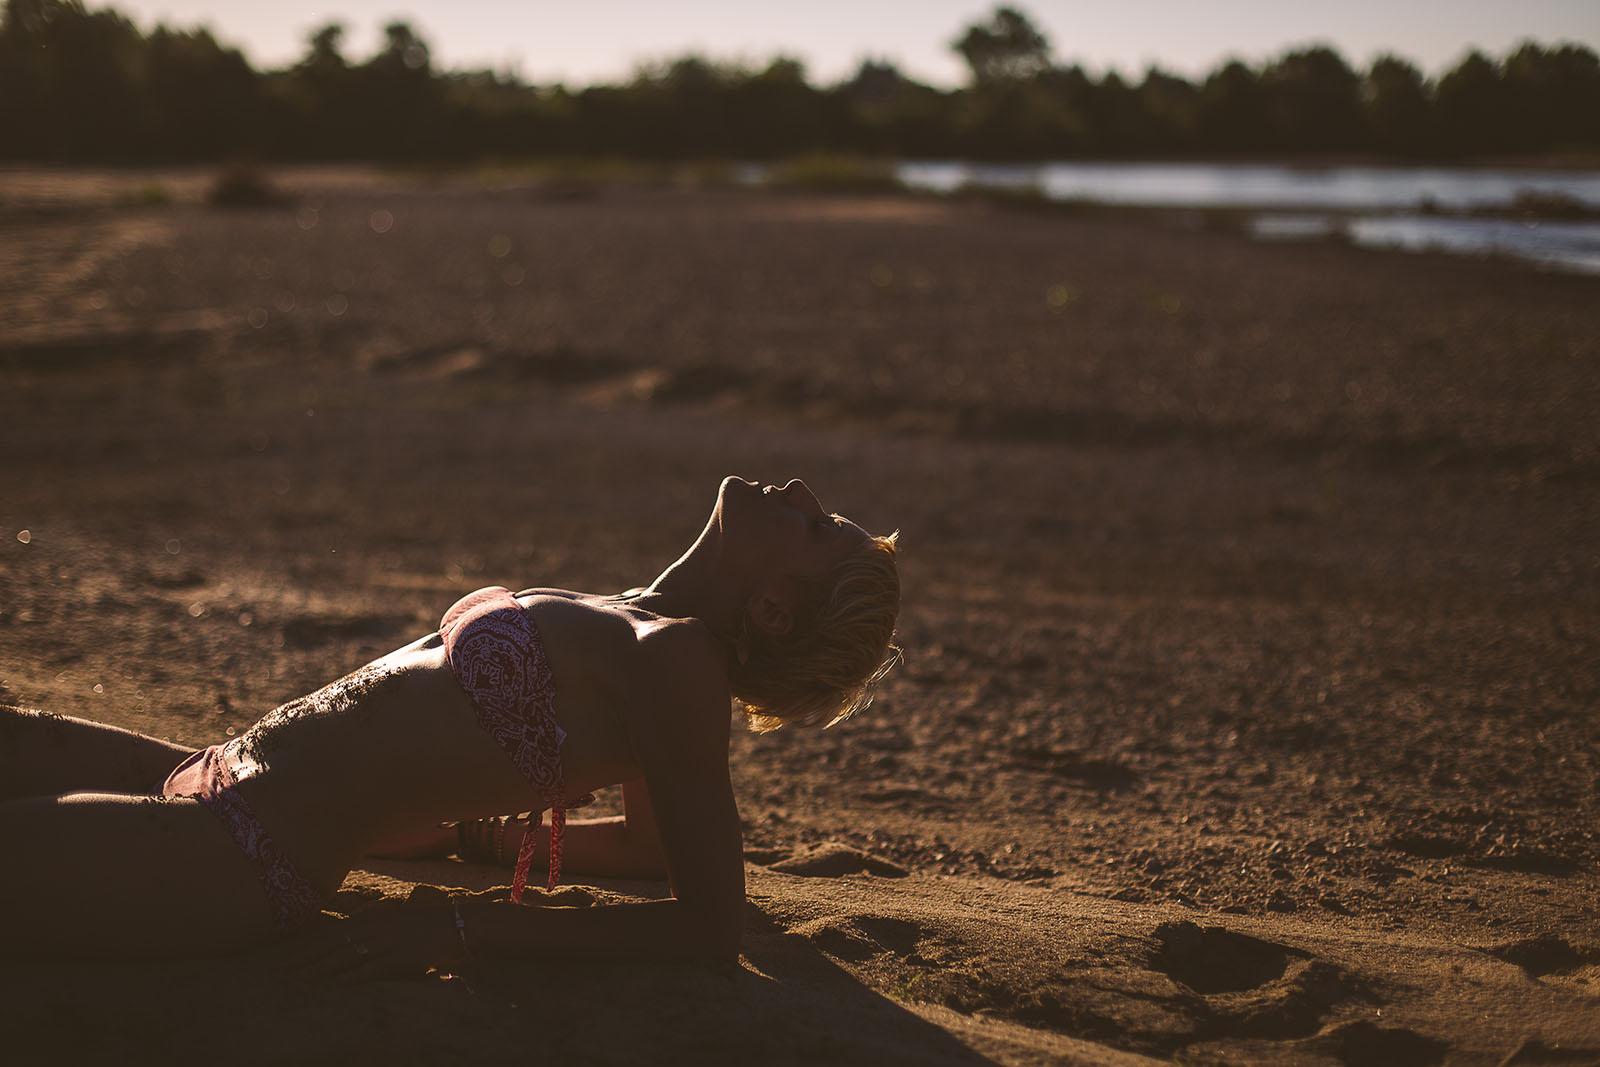 Séance photo intime en extérieur femme en lingerie allongée sur le sable